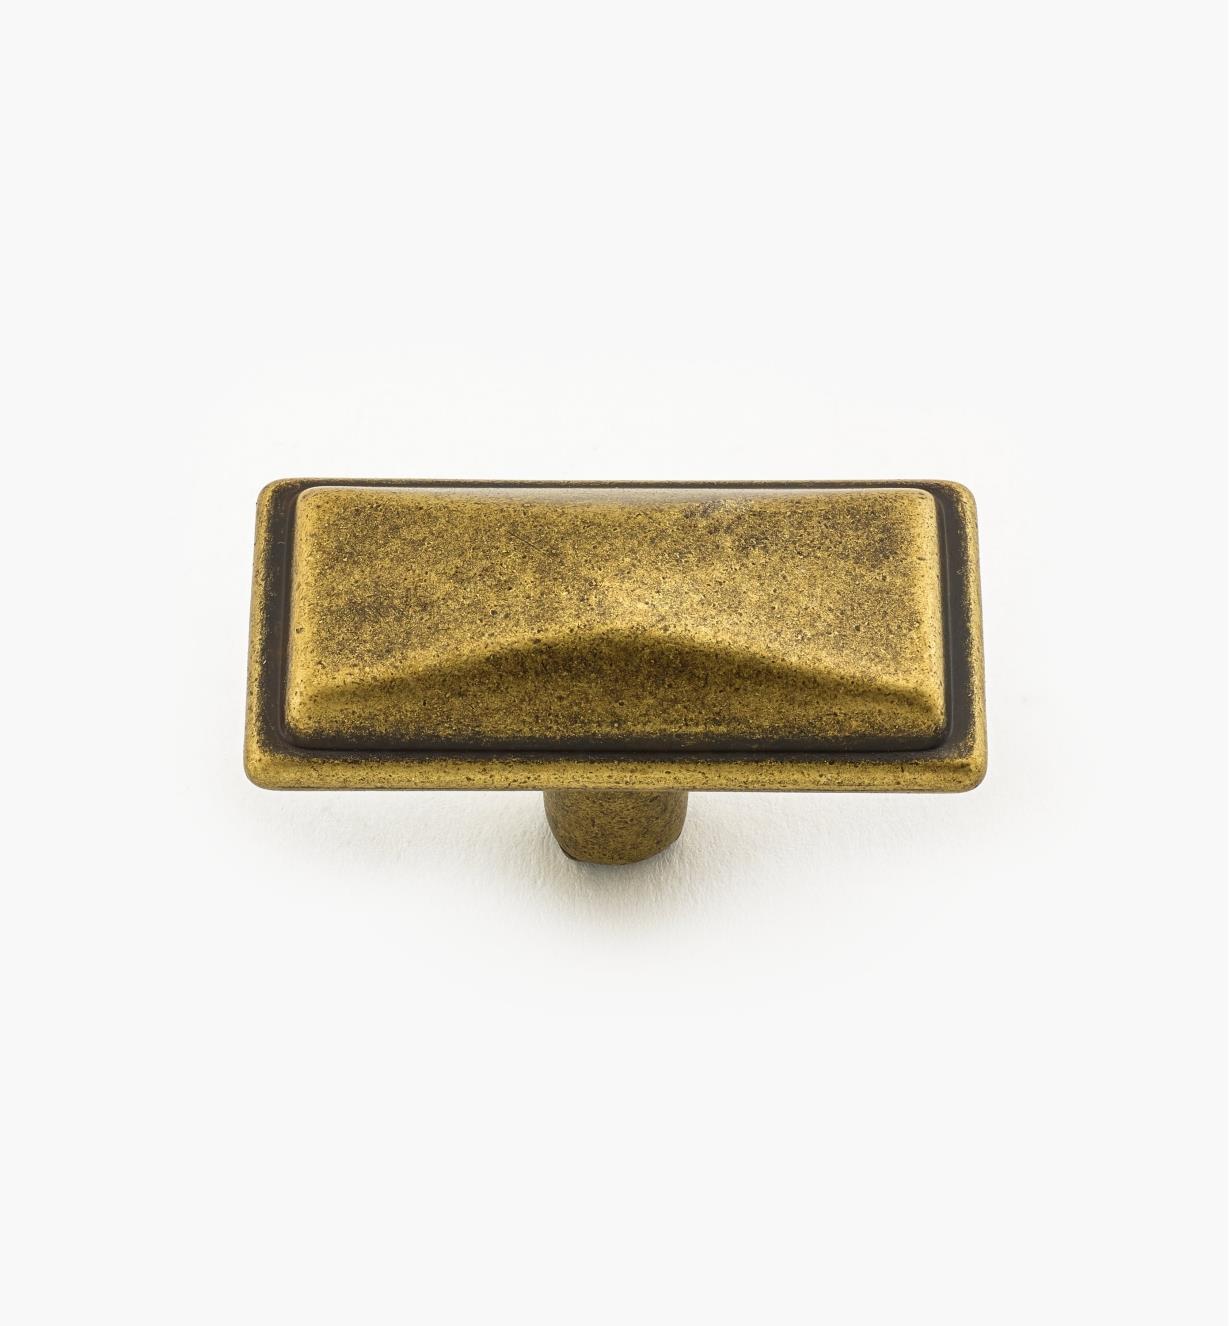 00A7260 - Bouton de 40mm x 21mm, série Verona, fini laiton antique